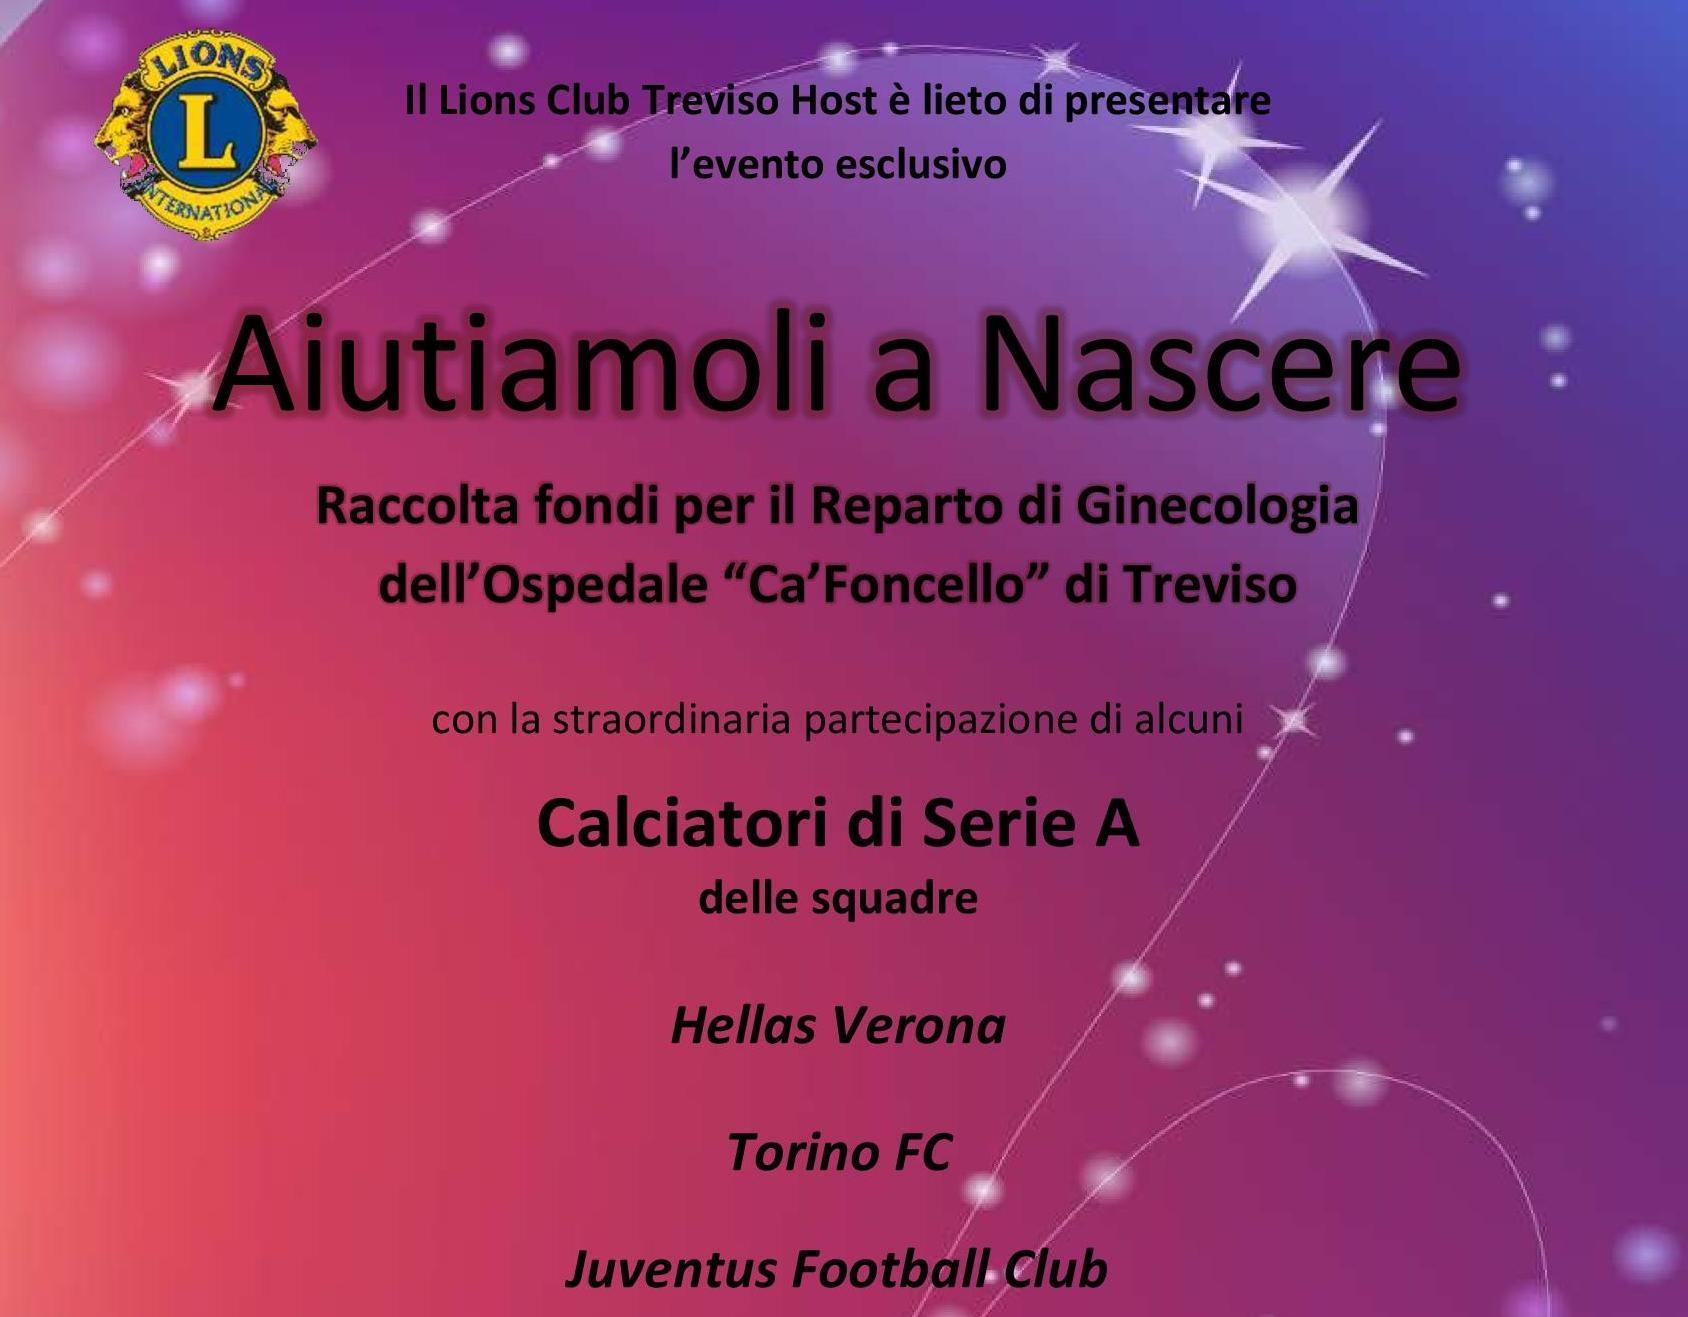 Calcio per beneficenza, Treviso Host e Leo sfidano la serie A